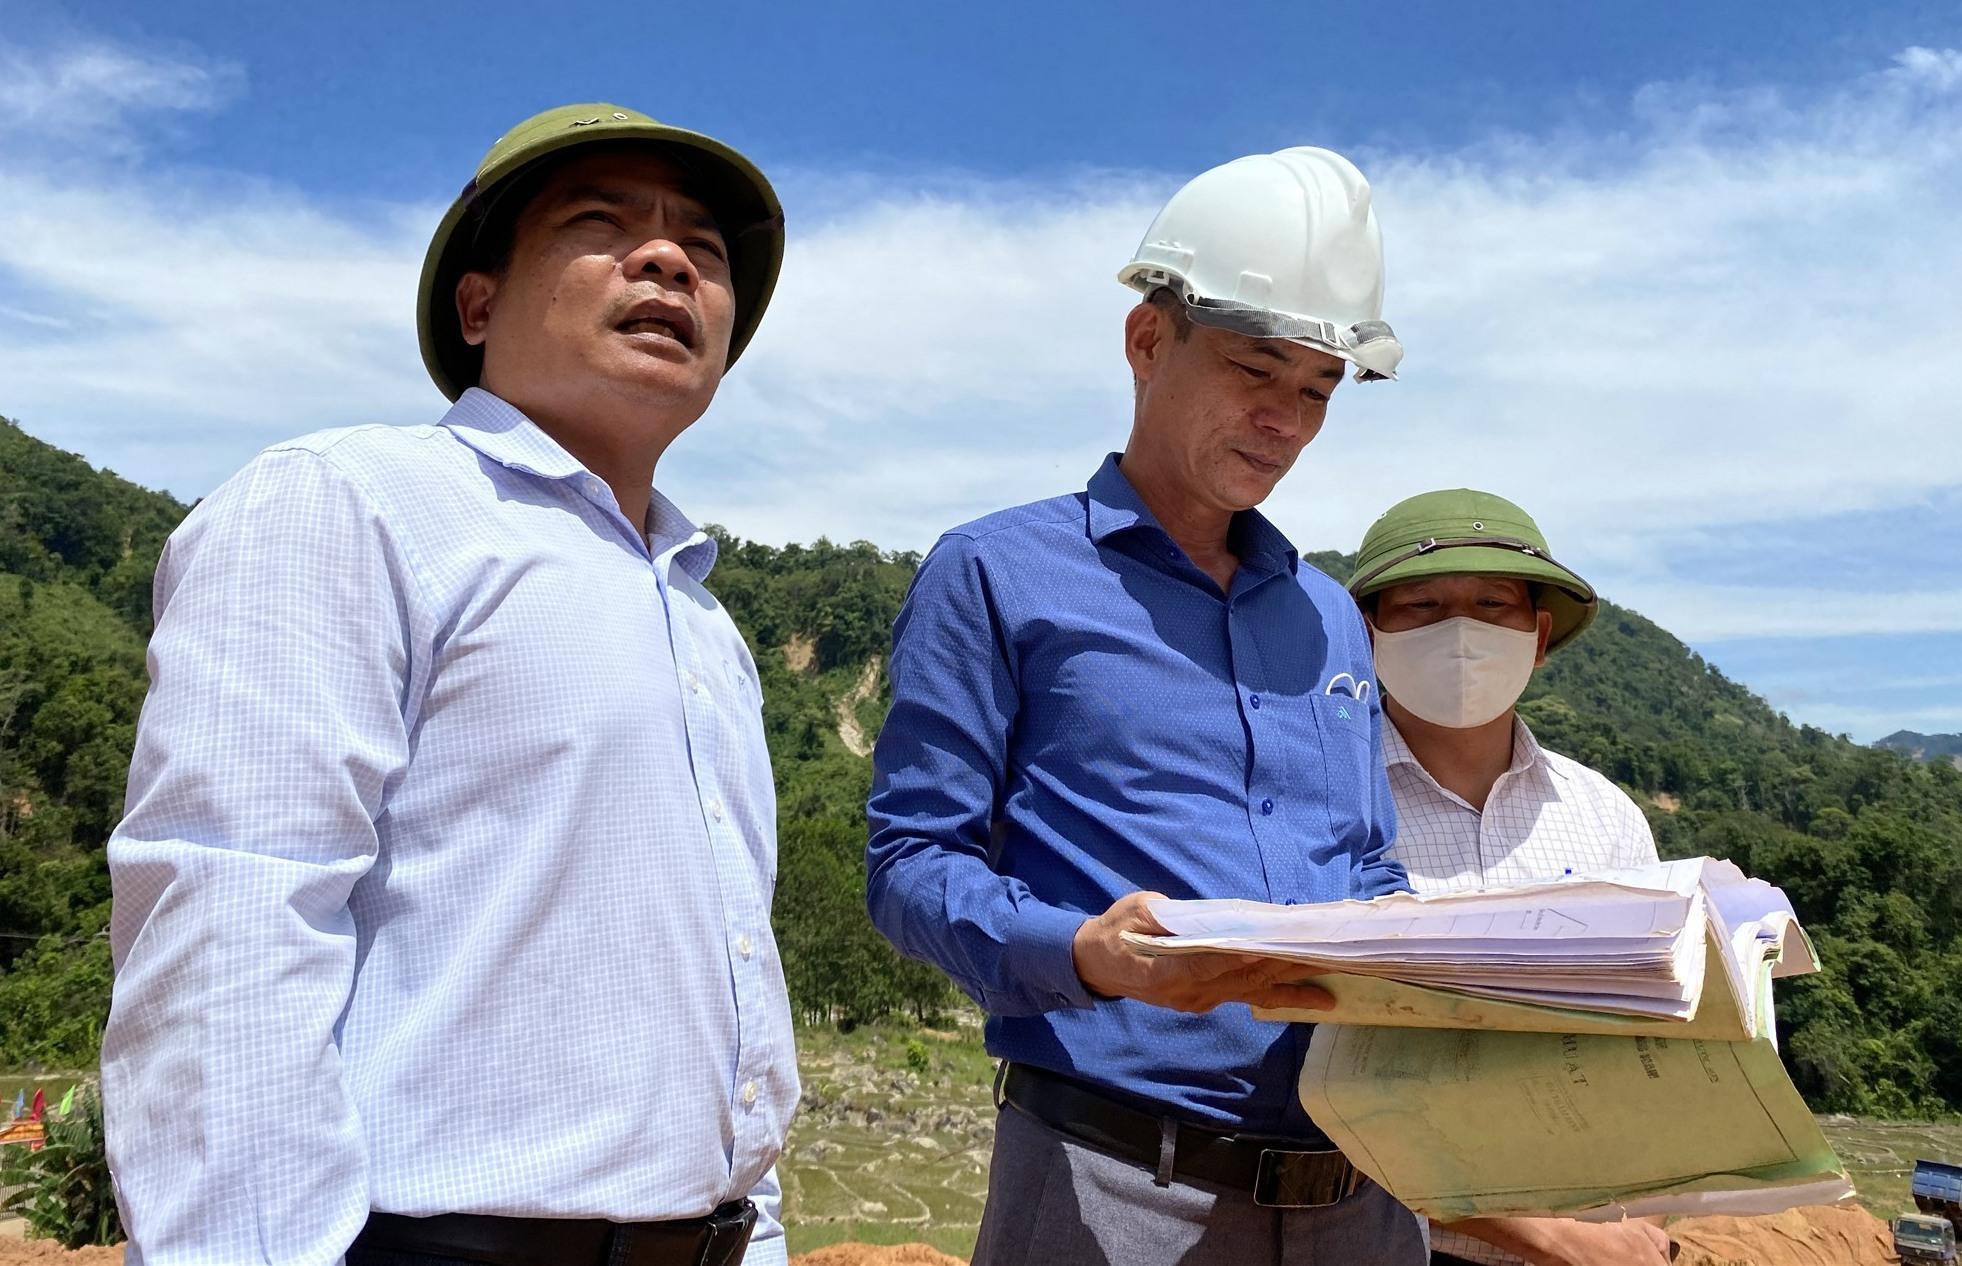 Bí thư huyện ủy Đoàn Văn Thông và CT. UBND huyện Lê Quang Trung thường xuyên kiểm tra, đôn đốc thi công tại các khu TĐC